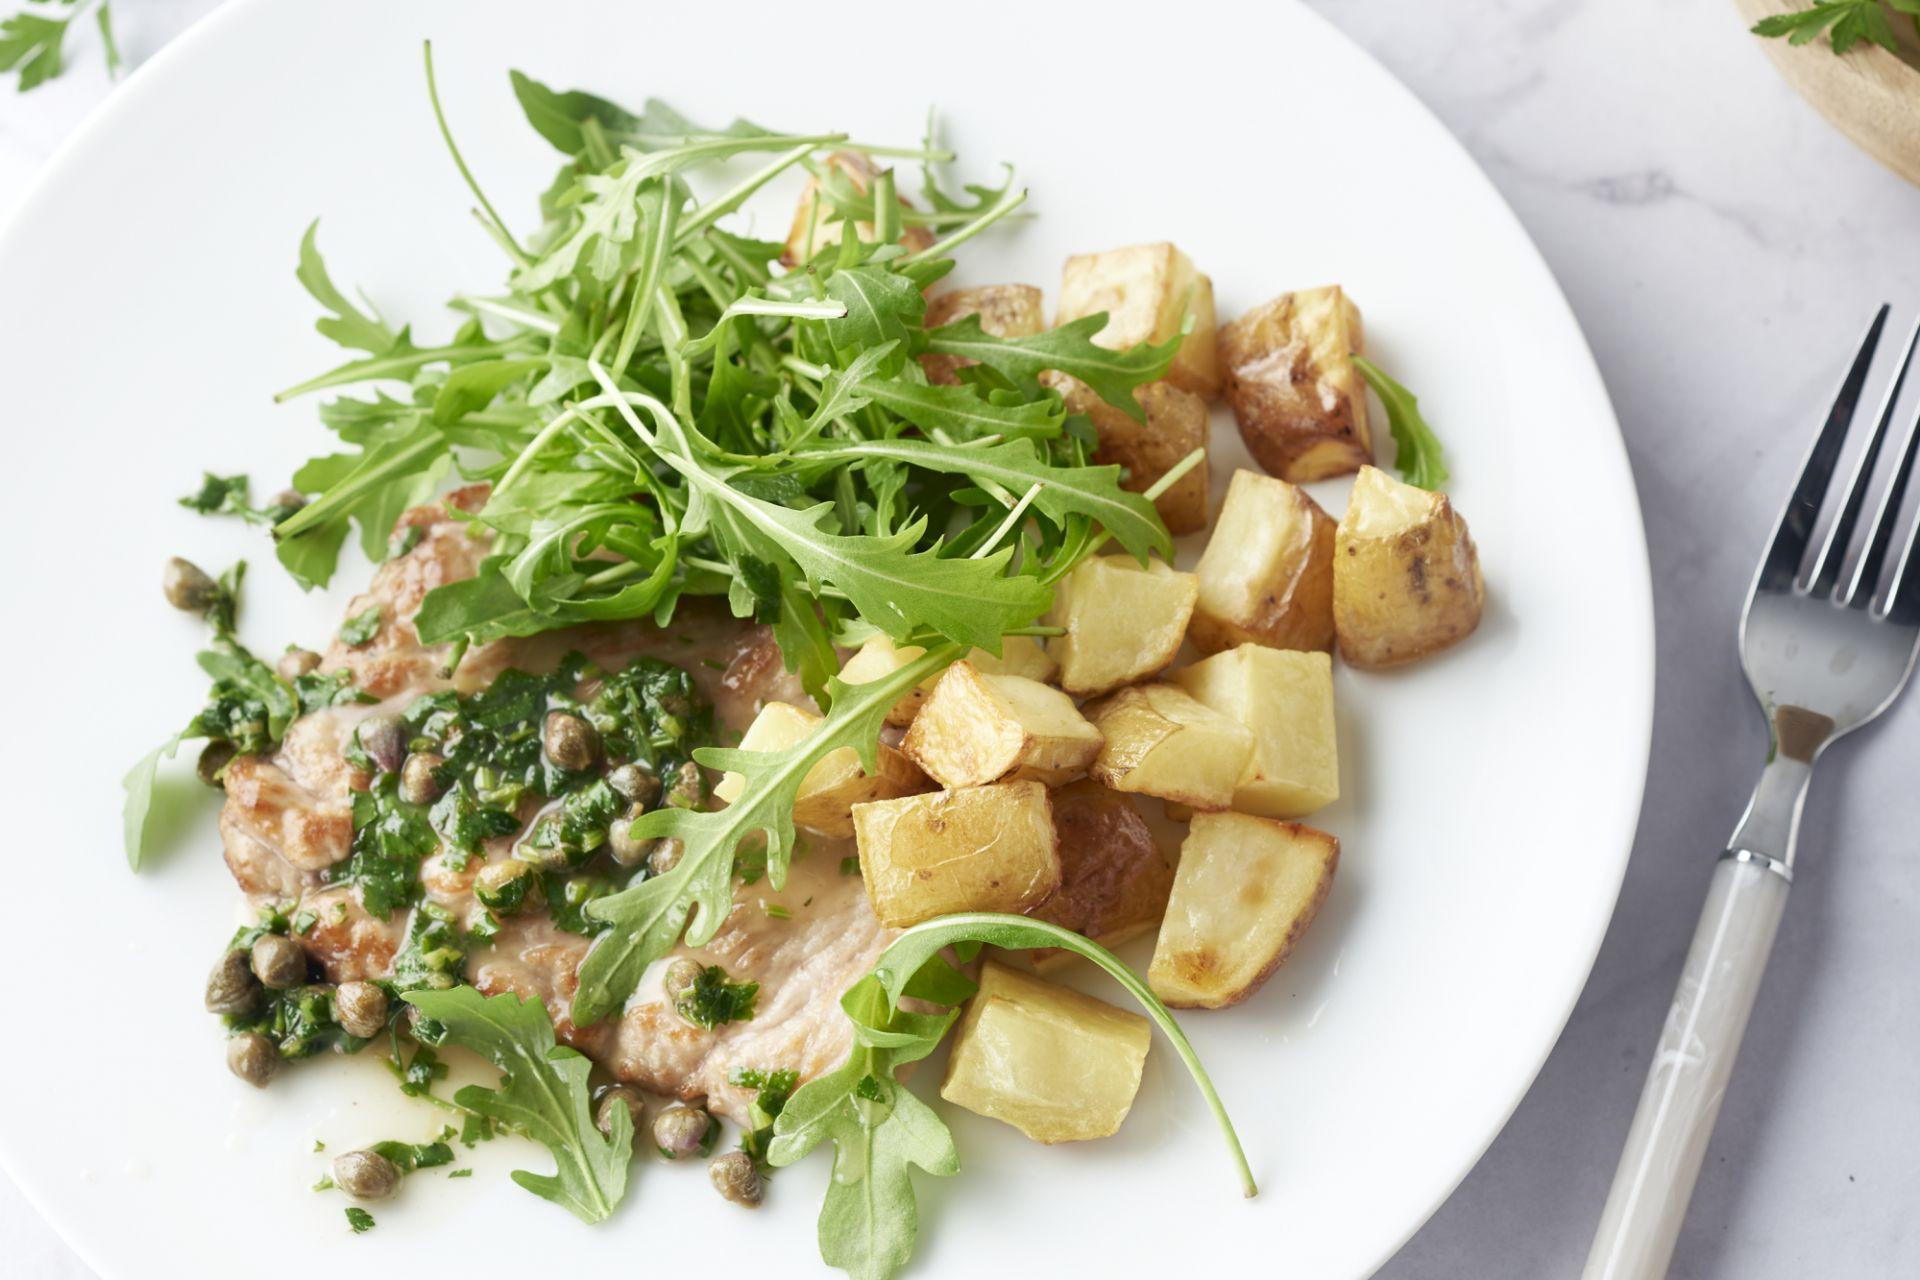 Piccata van kalfsvlees, ovenaardappelen en rucola